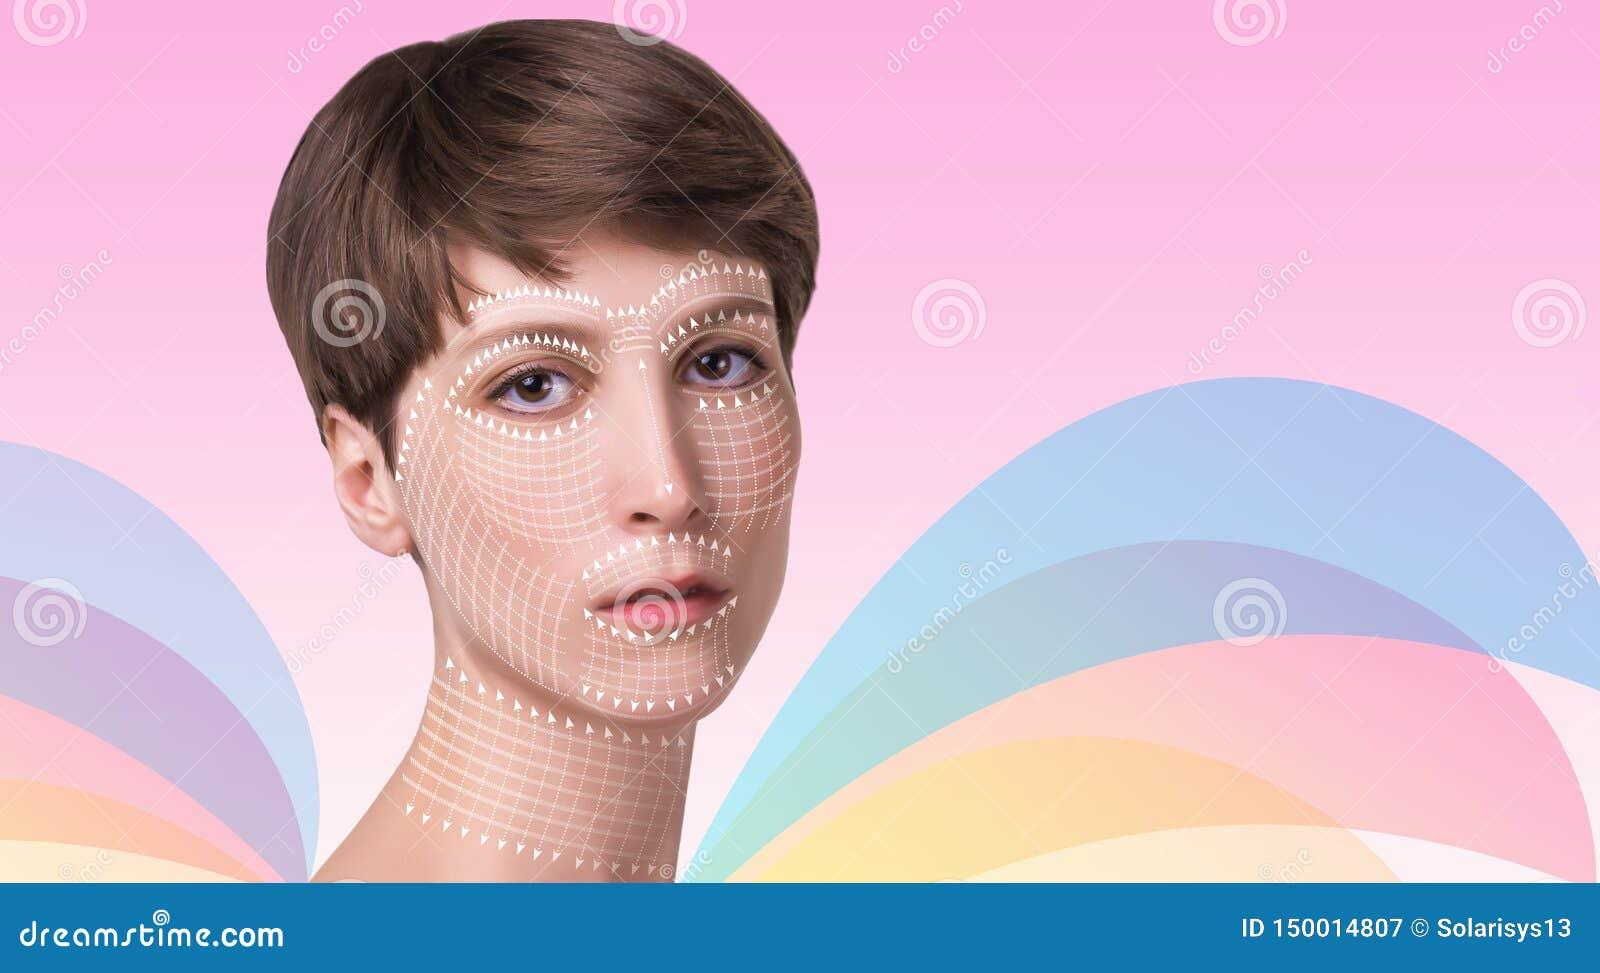 Junge Frau mit sauberer frischer Haut